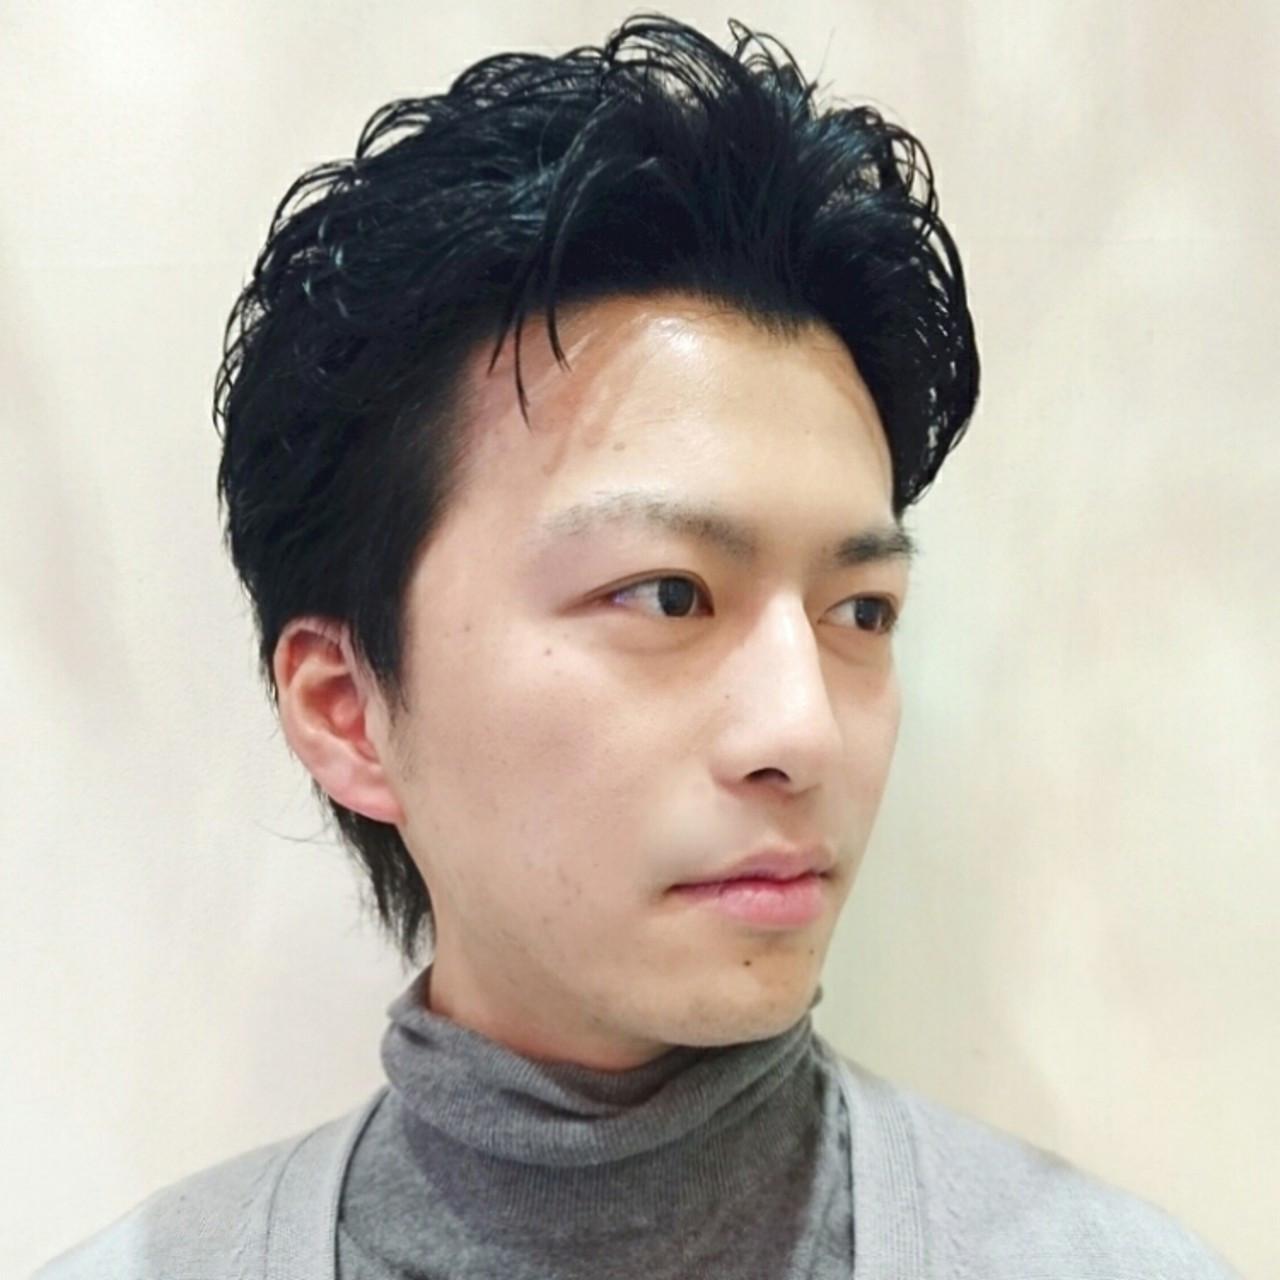 外国人風 ショート メンズ アッシュ ヘアスタイルや髪型の写真・画像